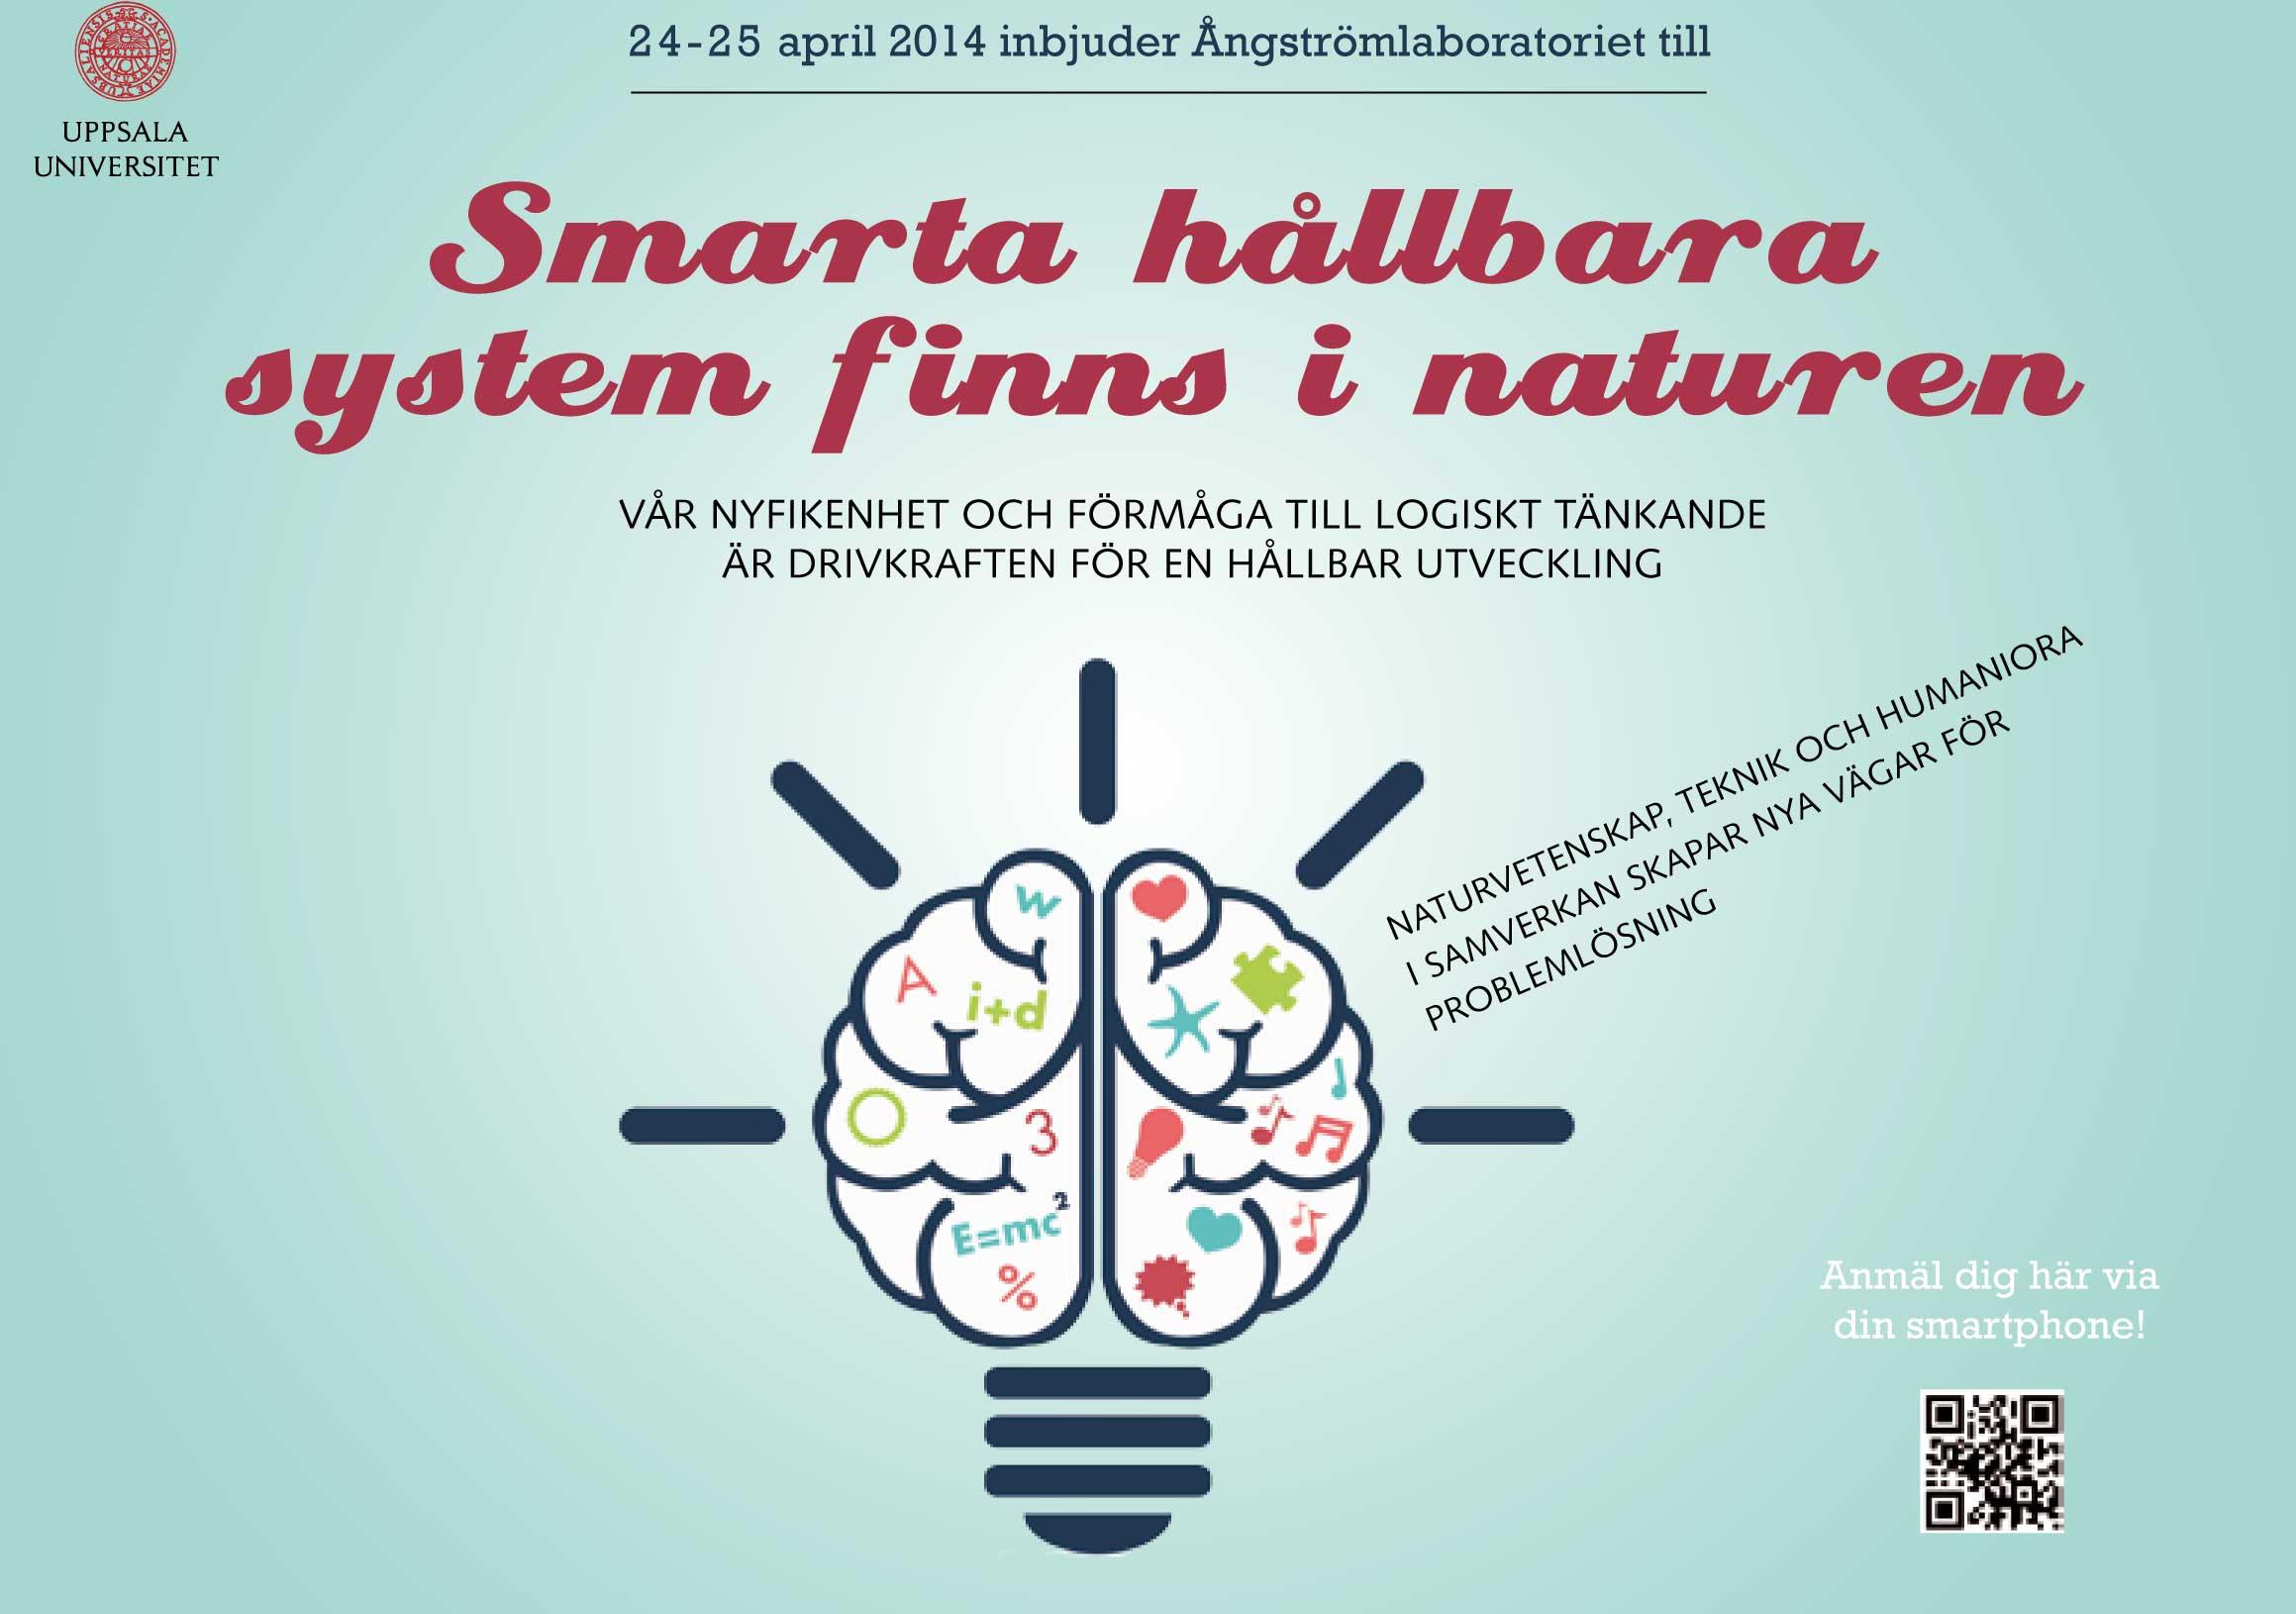 Smarta hållbara system 24-25 april